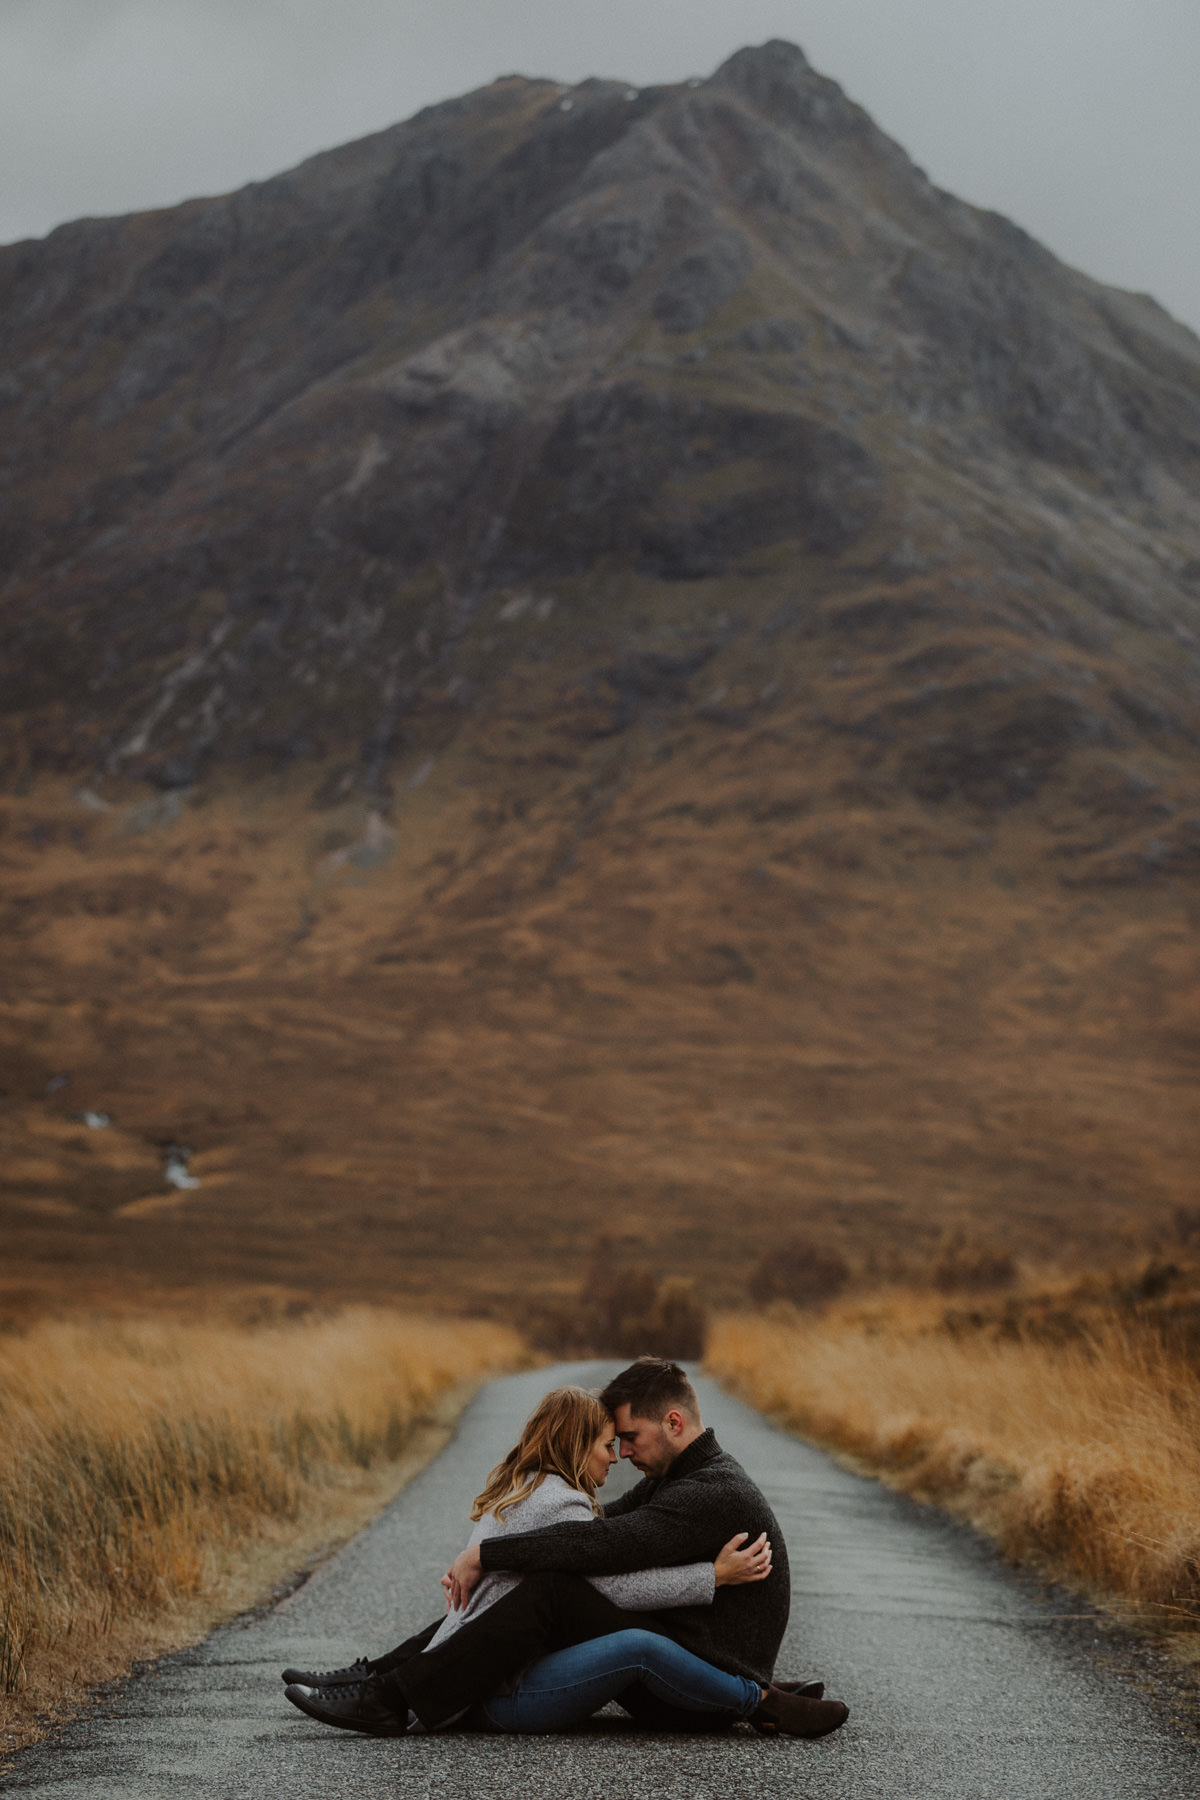 GLENCOE-blog-sesja-slubna-plener-szkocja-elopement-wedding-session_20181104_14-47-56_IMG_5058 Glencoe plener ślubny - sesja ślubna w Szkocji - love story Scotland